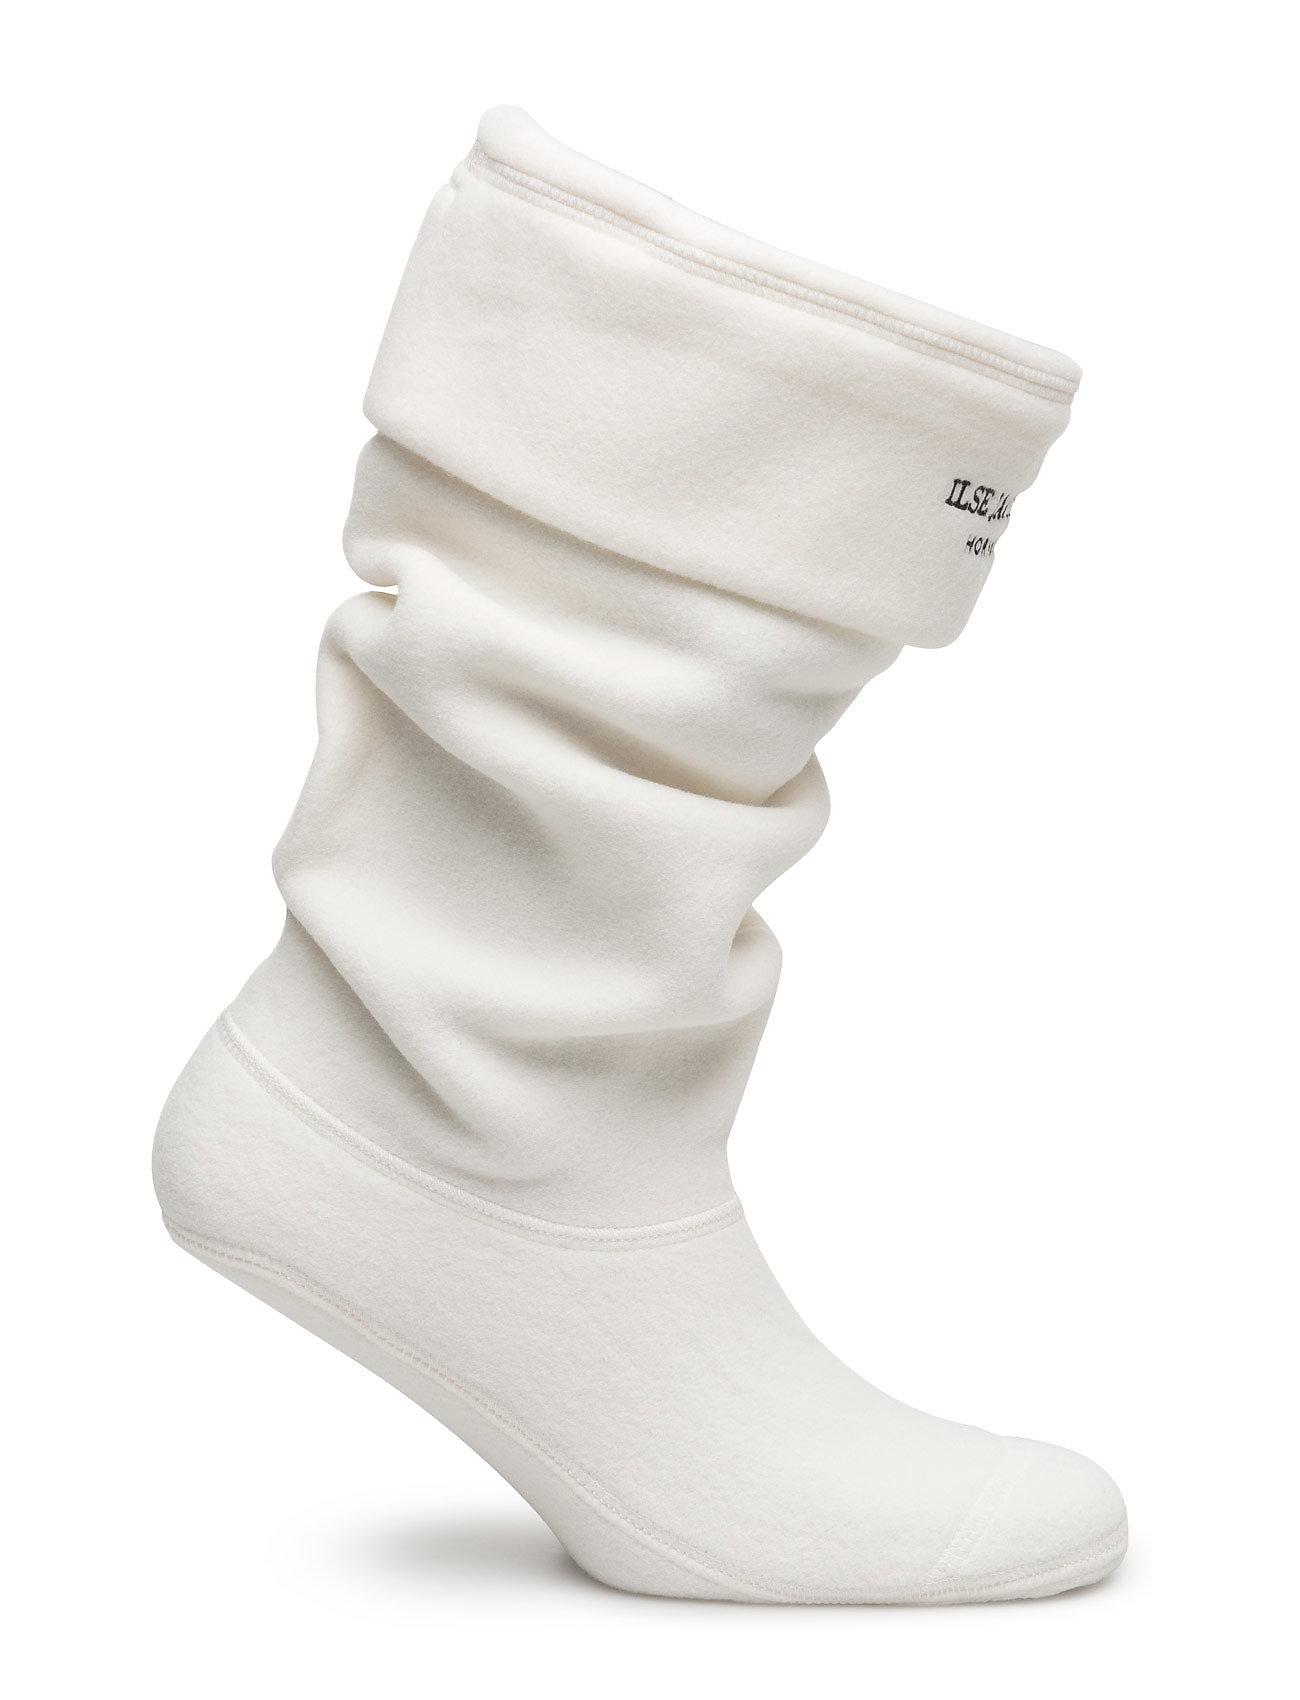 Ilse Jacobsen Fleece Sock (120001 Creme Black) 212.50 kr | Stort utbud av designermärken 4Zp9ZoW3